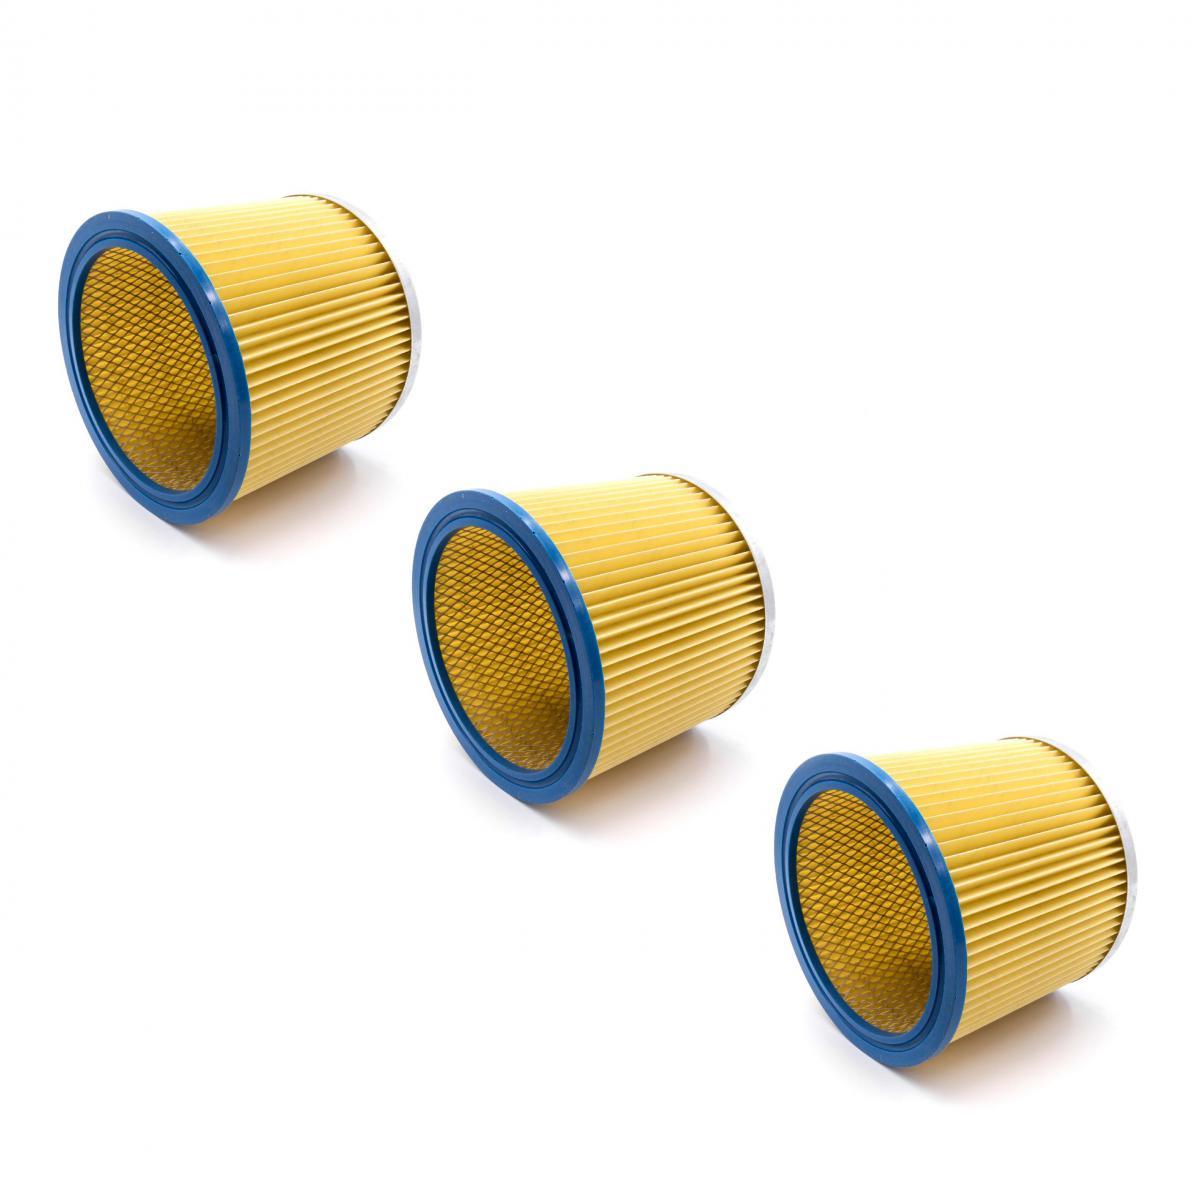 Vhbw vhbw® 3x Filtre rond / filtre en lamelles pour aspirateur, robot, aspirateur multifonctions Kärcher NT 221, NT221